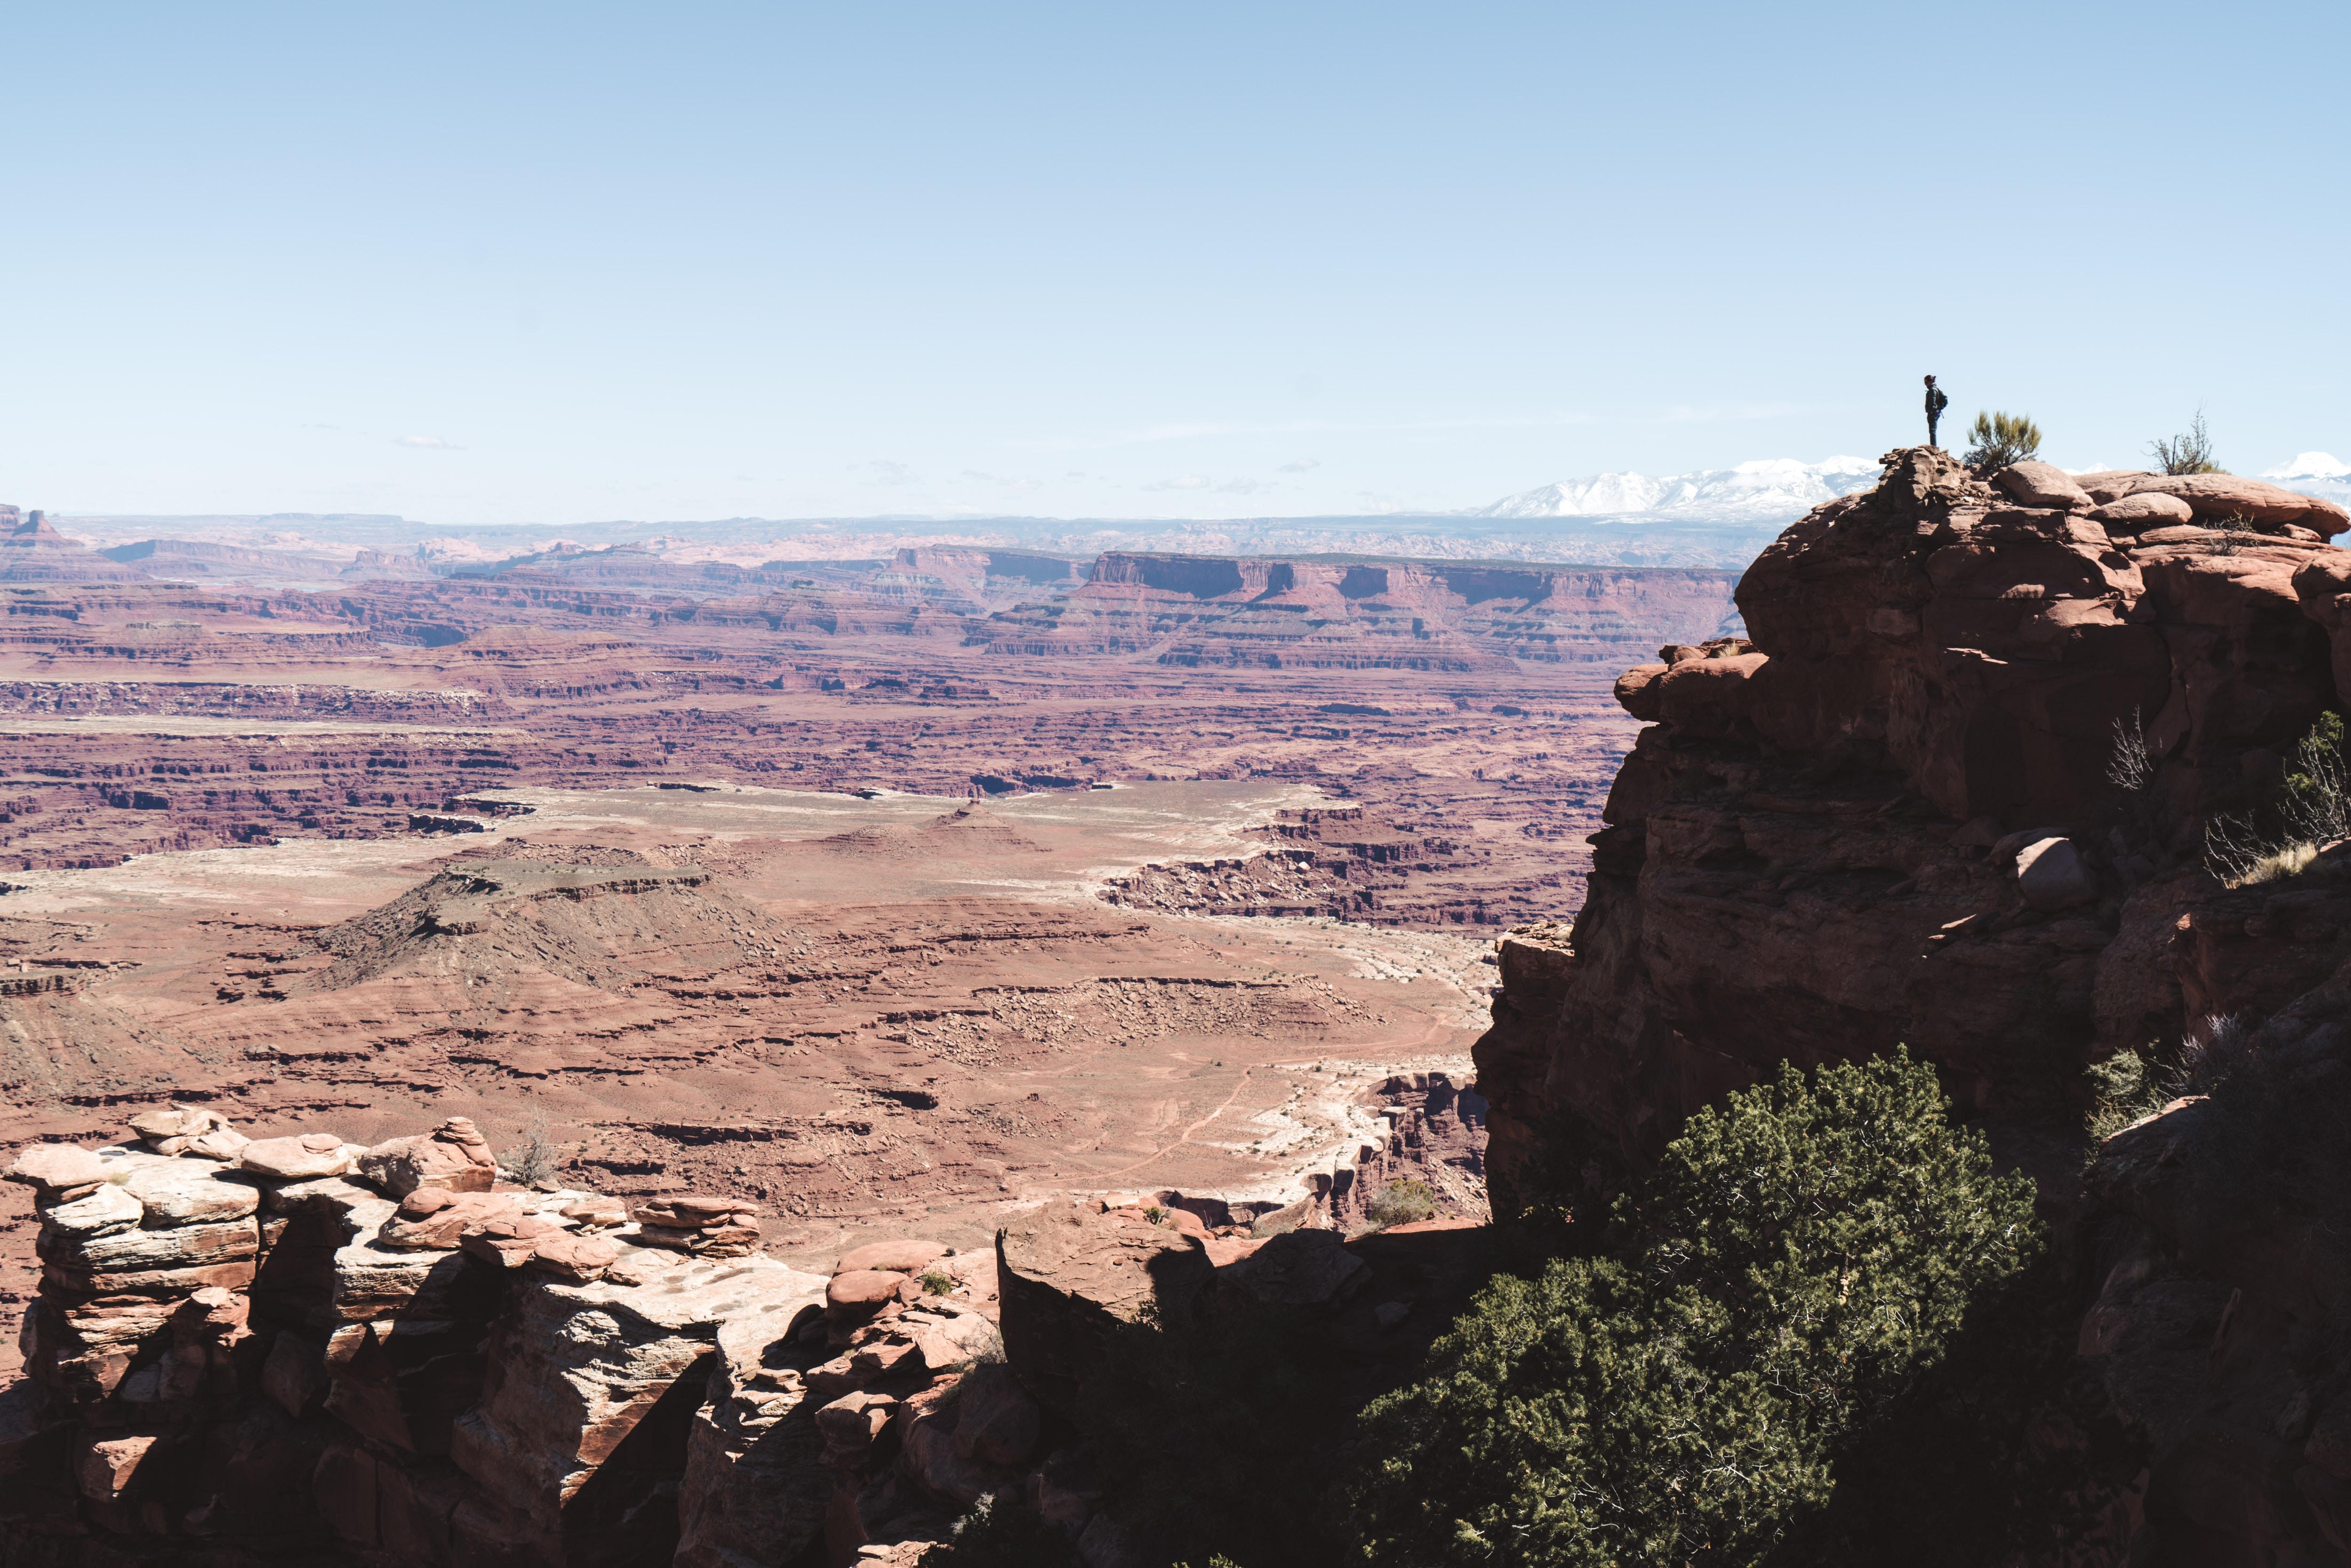 Hiking at Canyonlands National Park